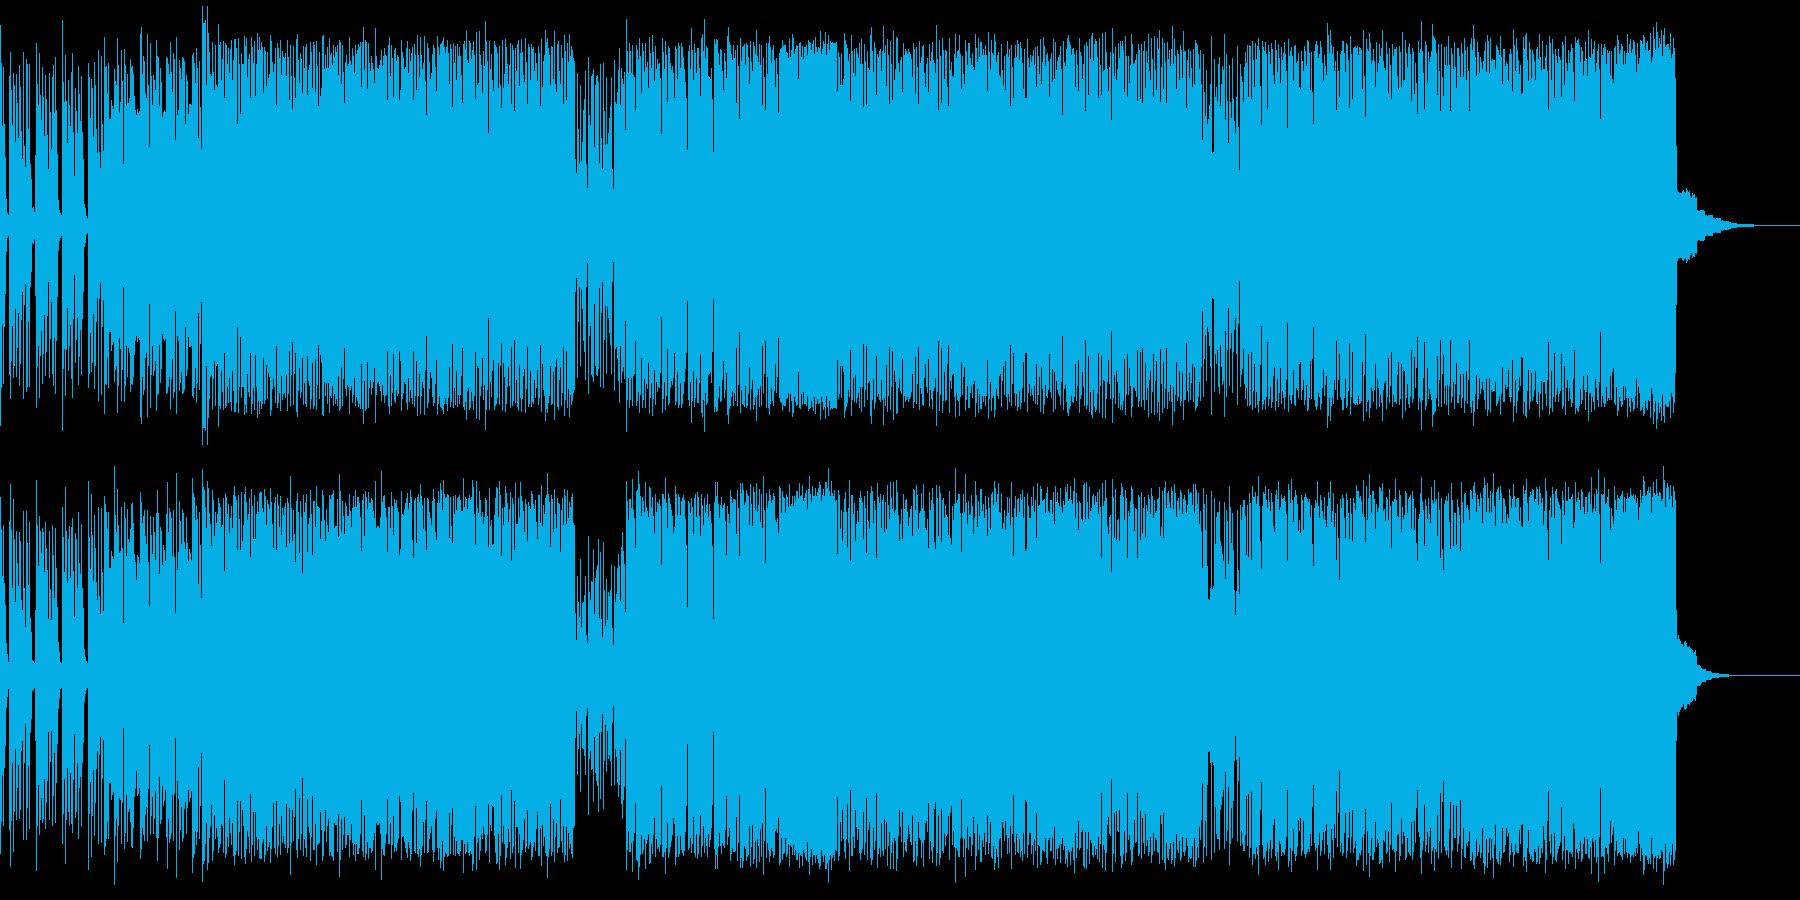 クラシックなスタイルのレトロトラックの再生済みの波形